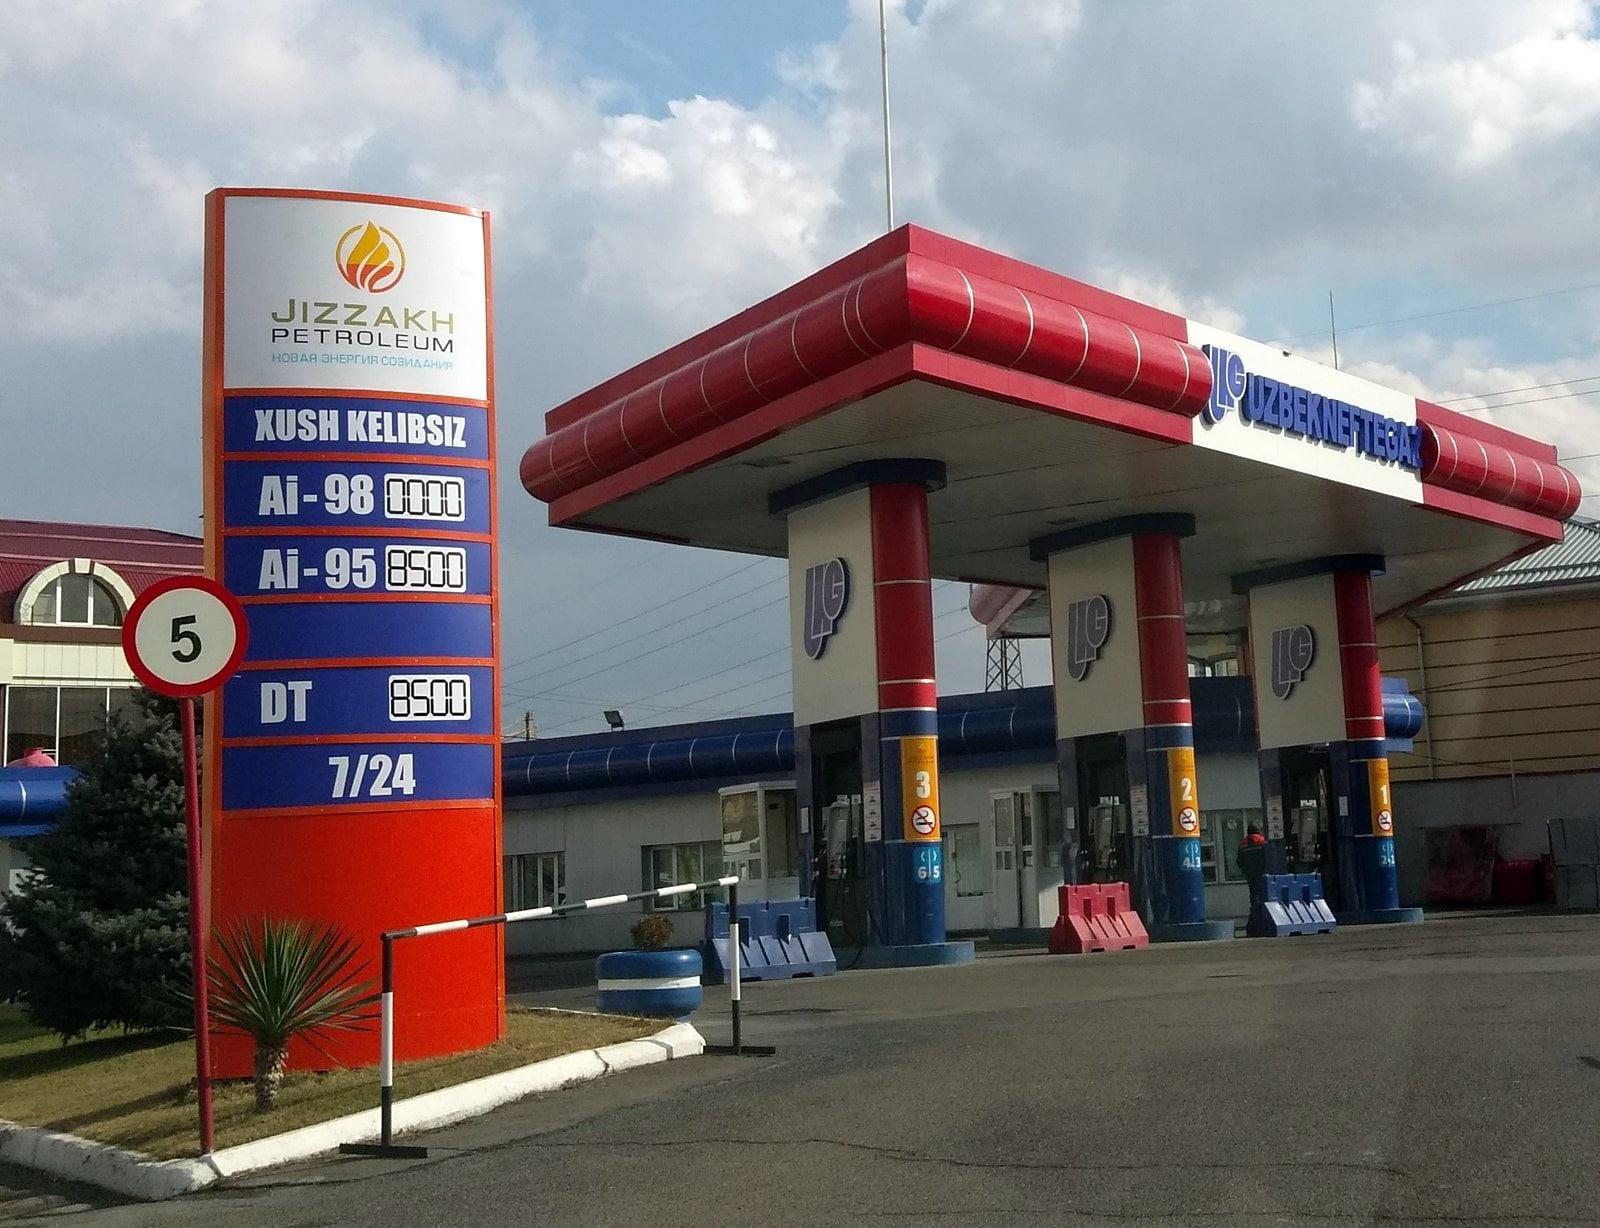 Бензин подорожает с 1 апреля 2020 года. Государство повысит акцизный налог на топливо